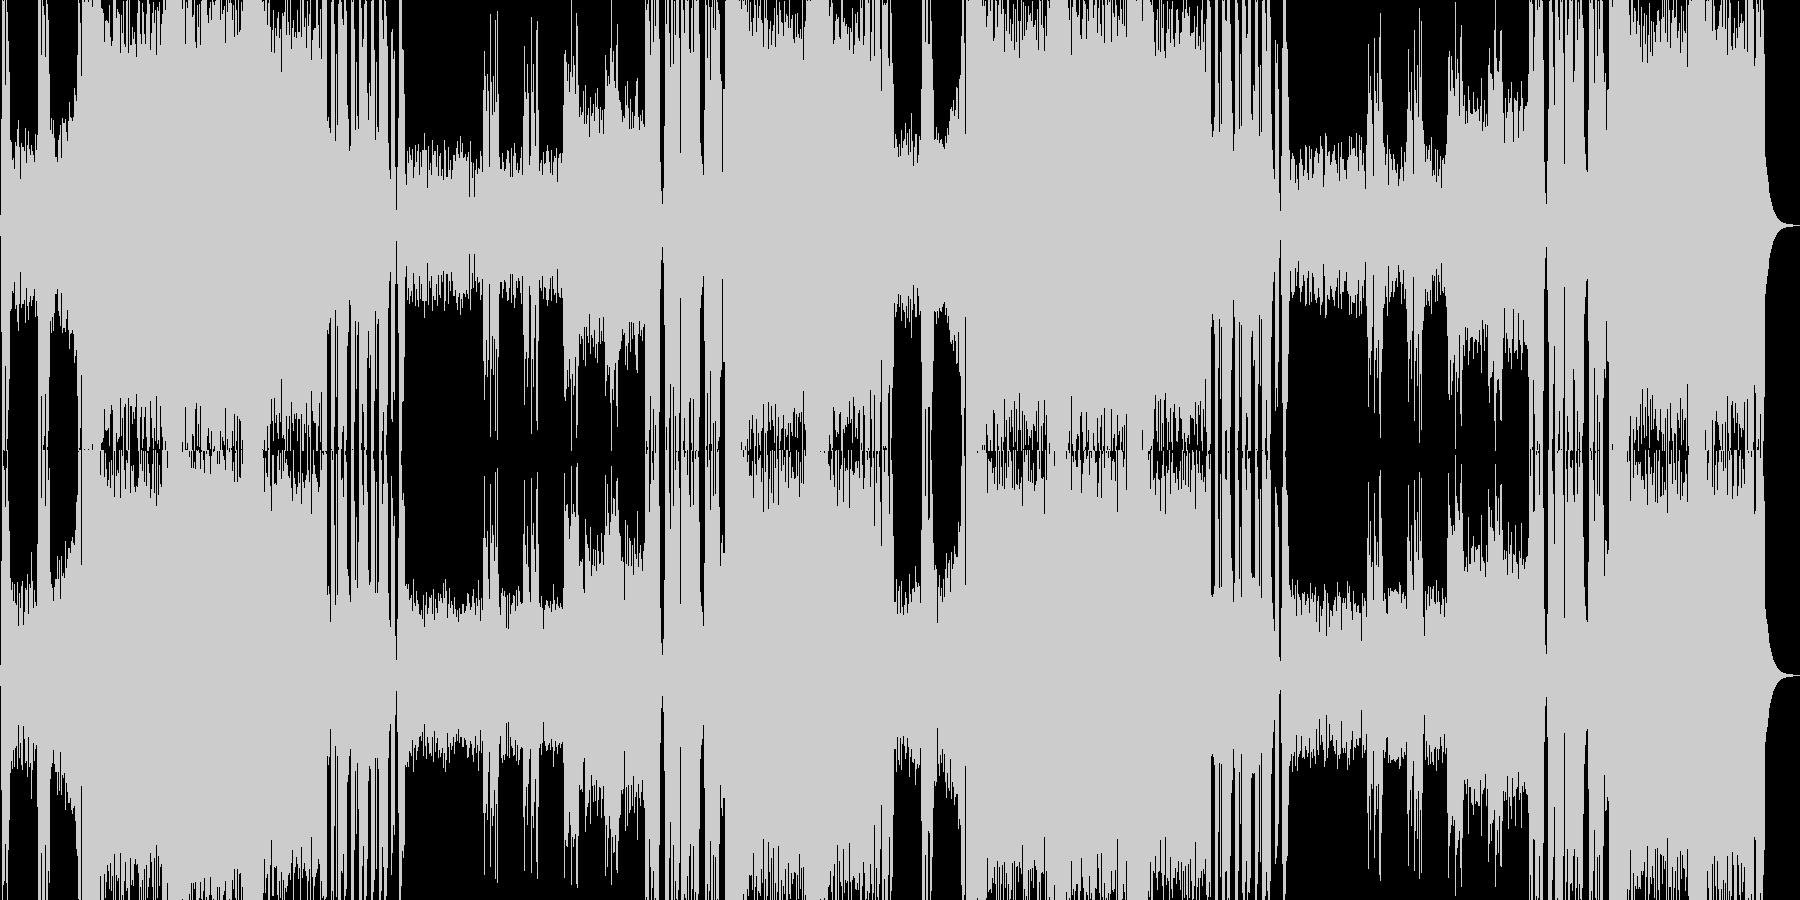 クールなメタルのボスバトル曲の未再生の波形